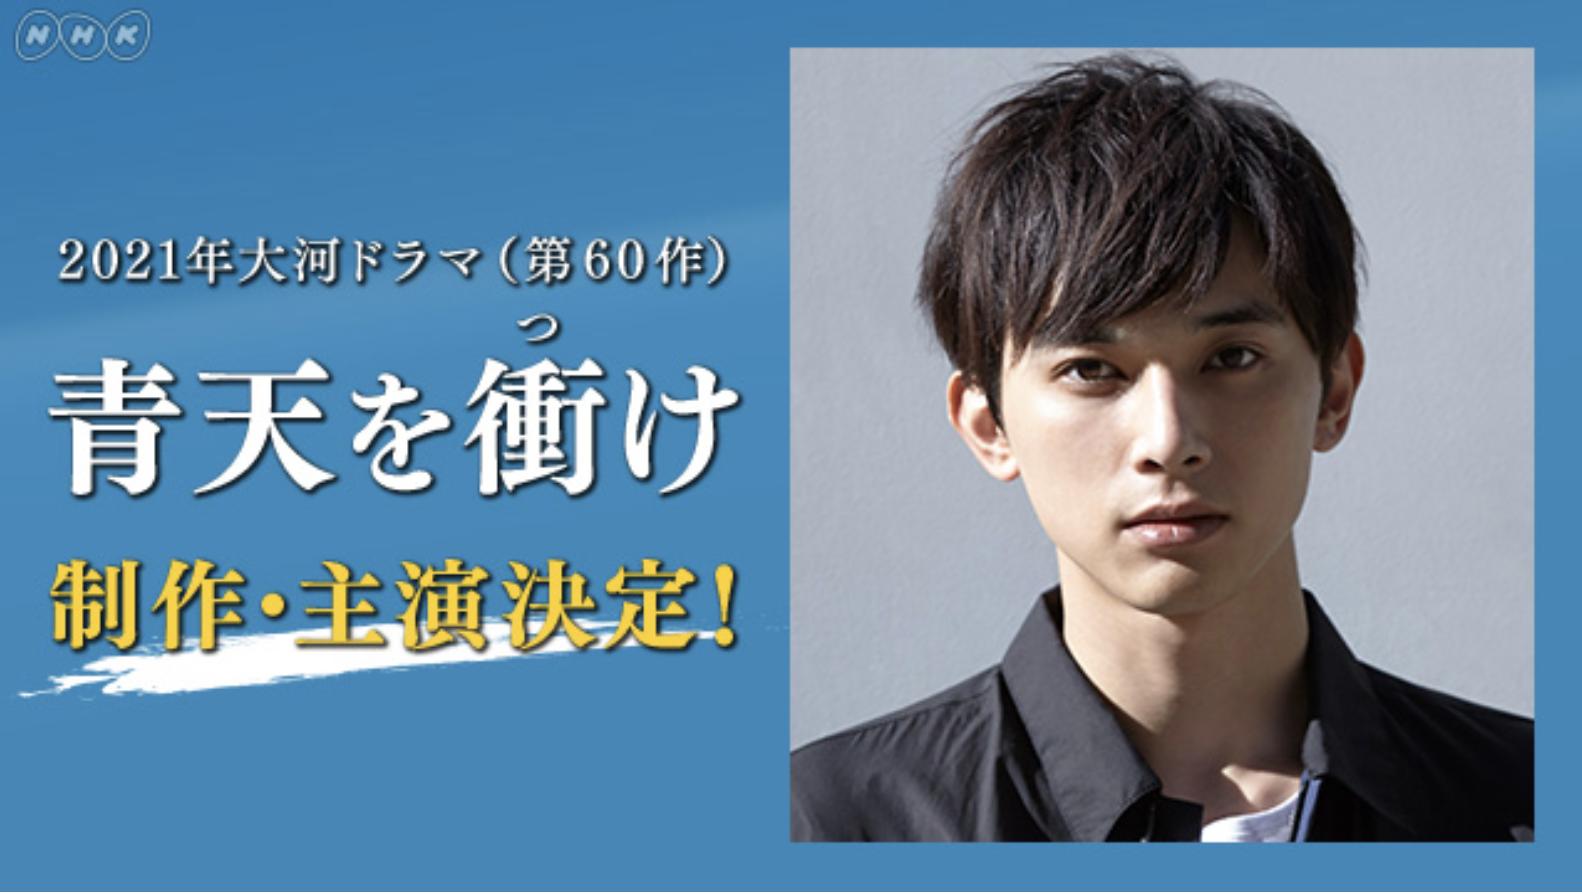 渋沢 栄一 大河 キャスト 登場人物|大河ドラマ「青天を衝け」|NHKオンライン